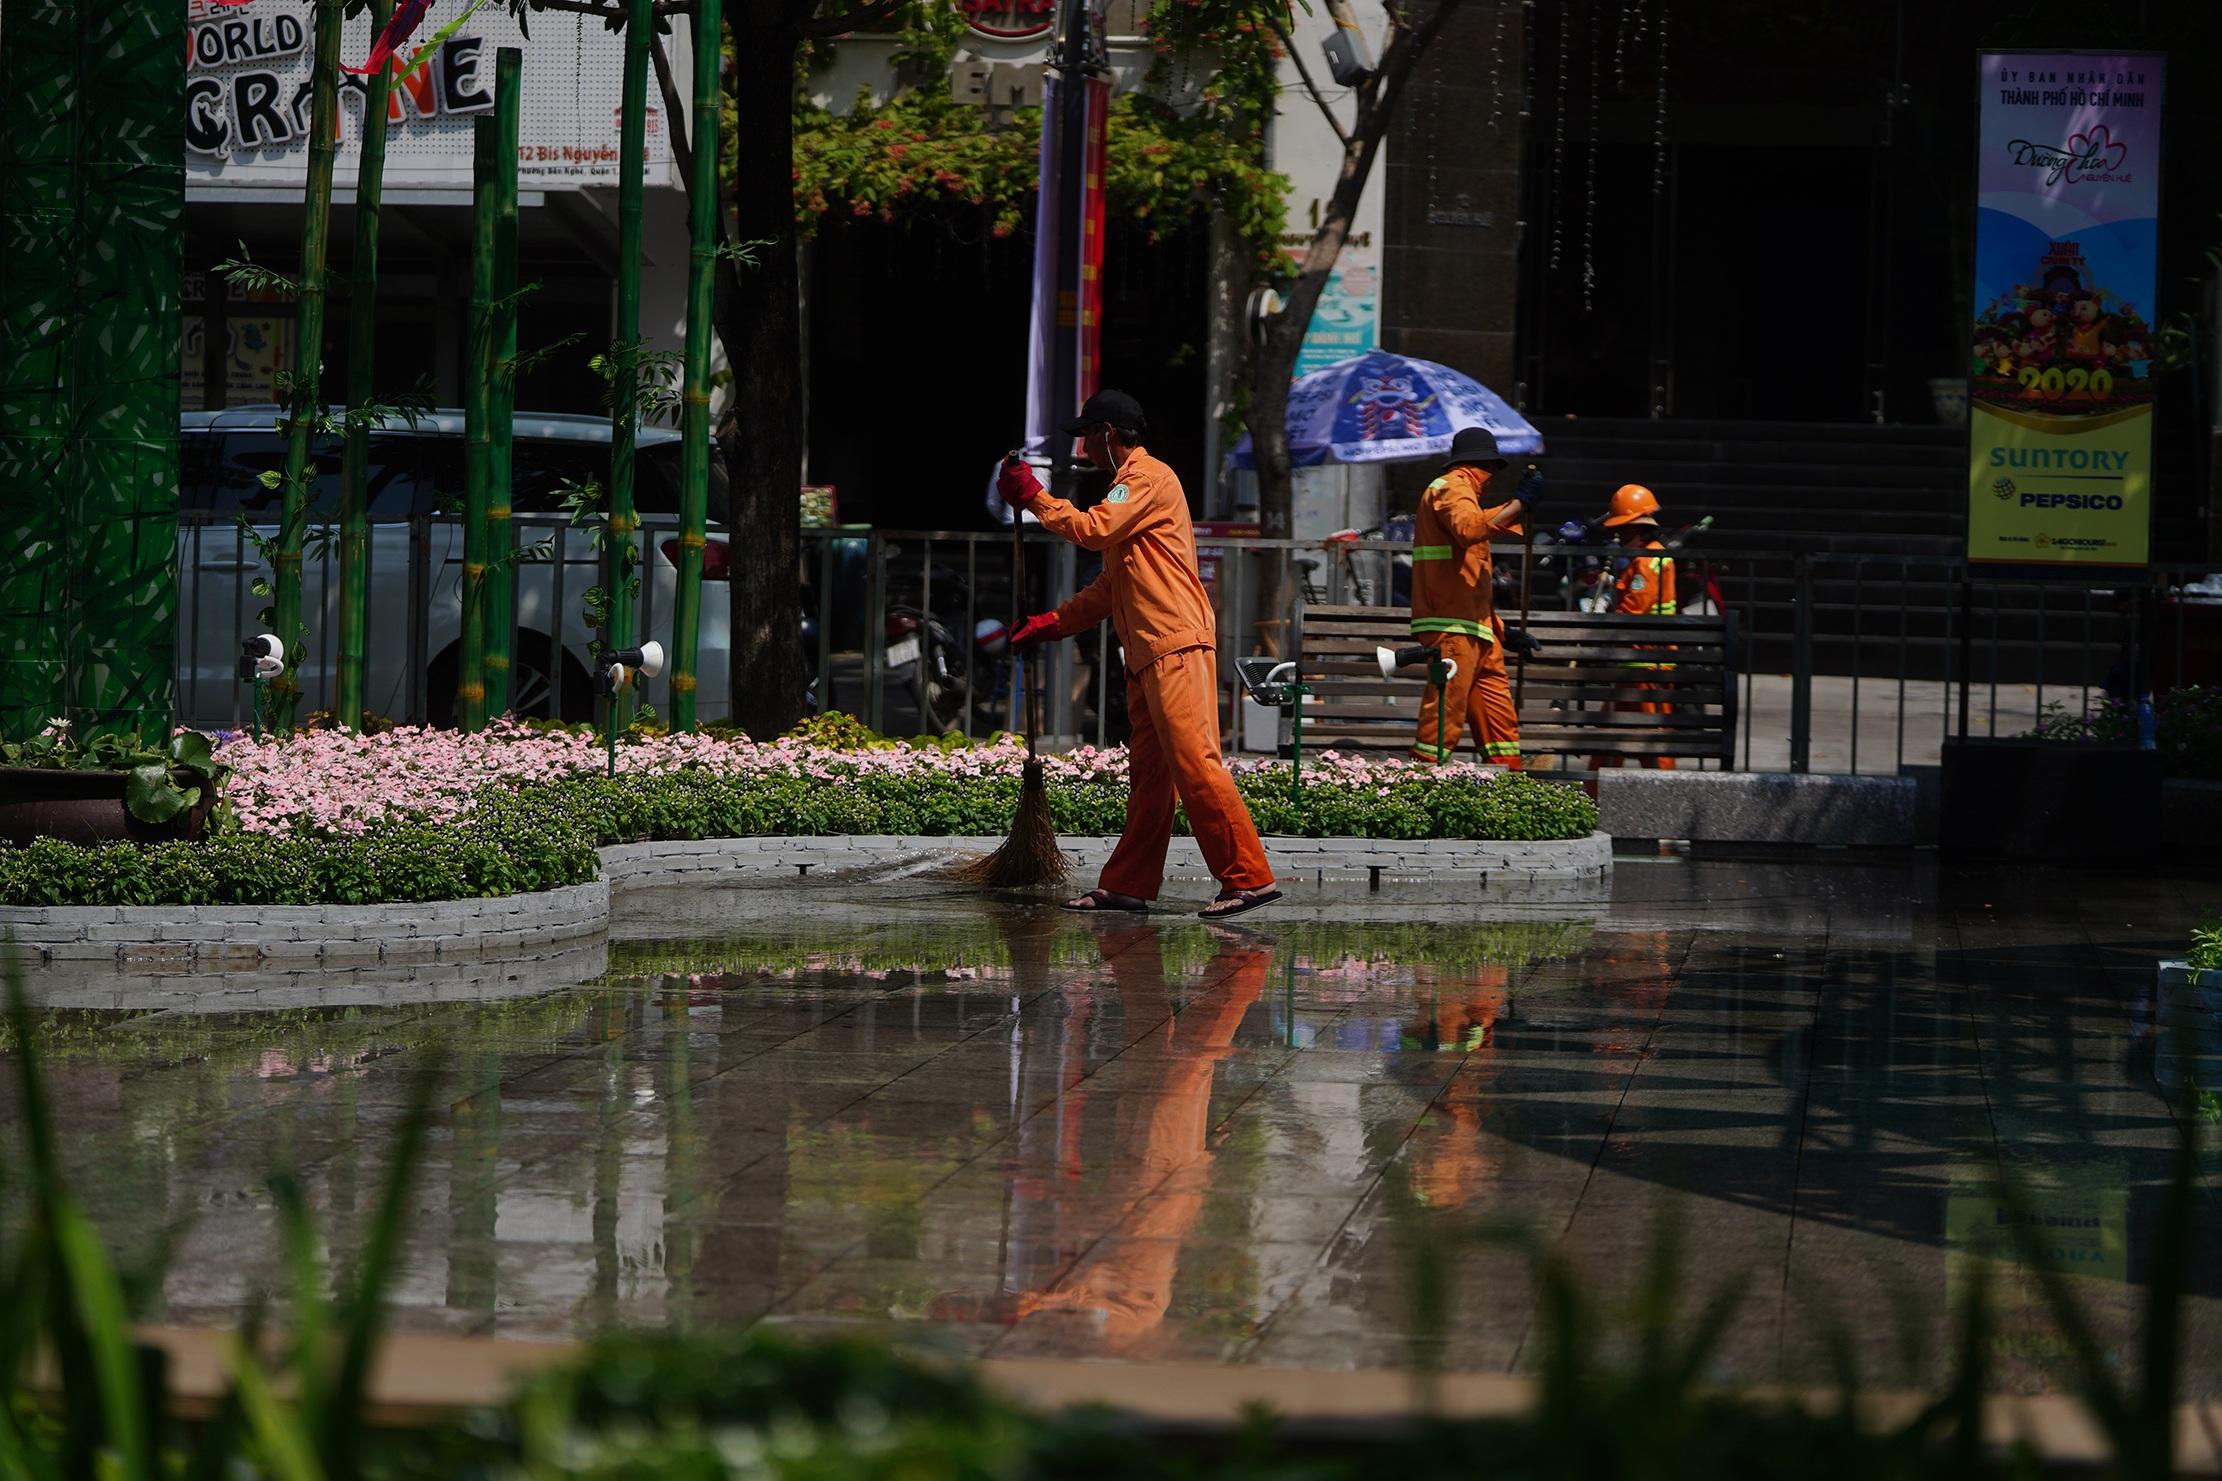 Mãn nhãn ngắm đường hoa Nguyễn Huệ trước giờ G - 12